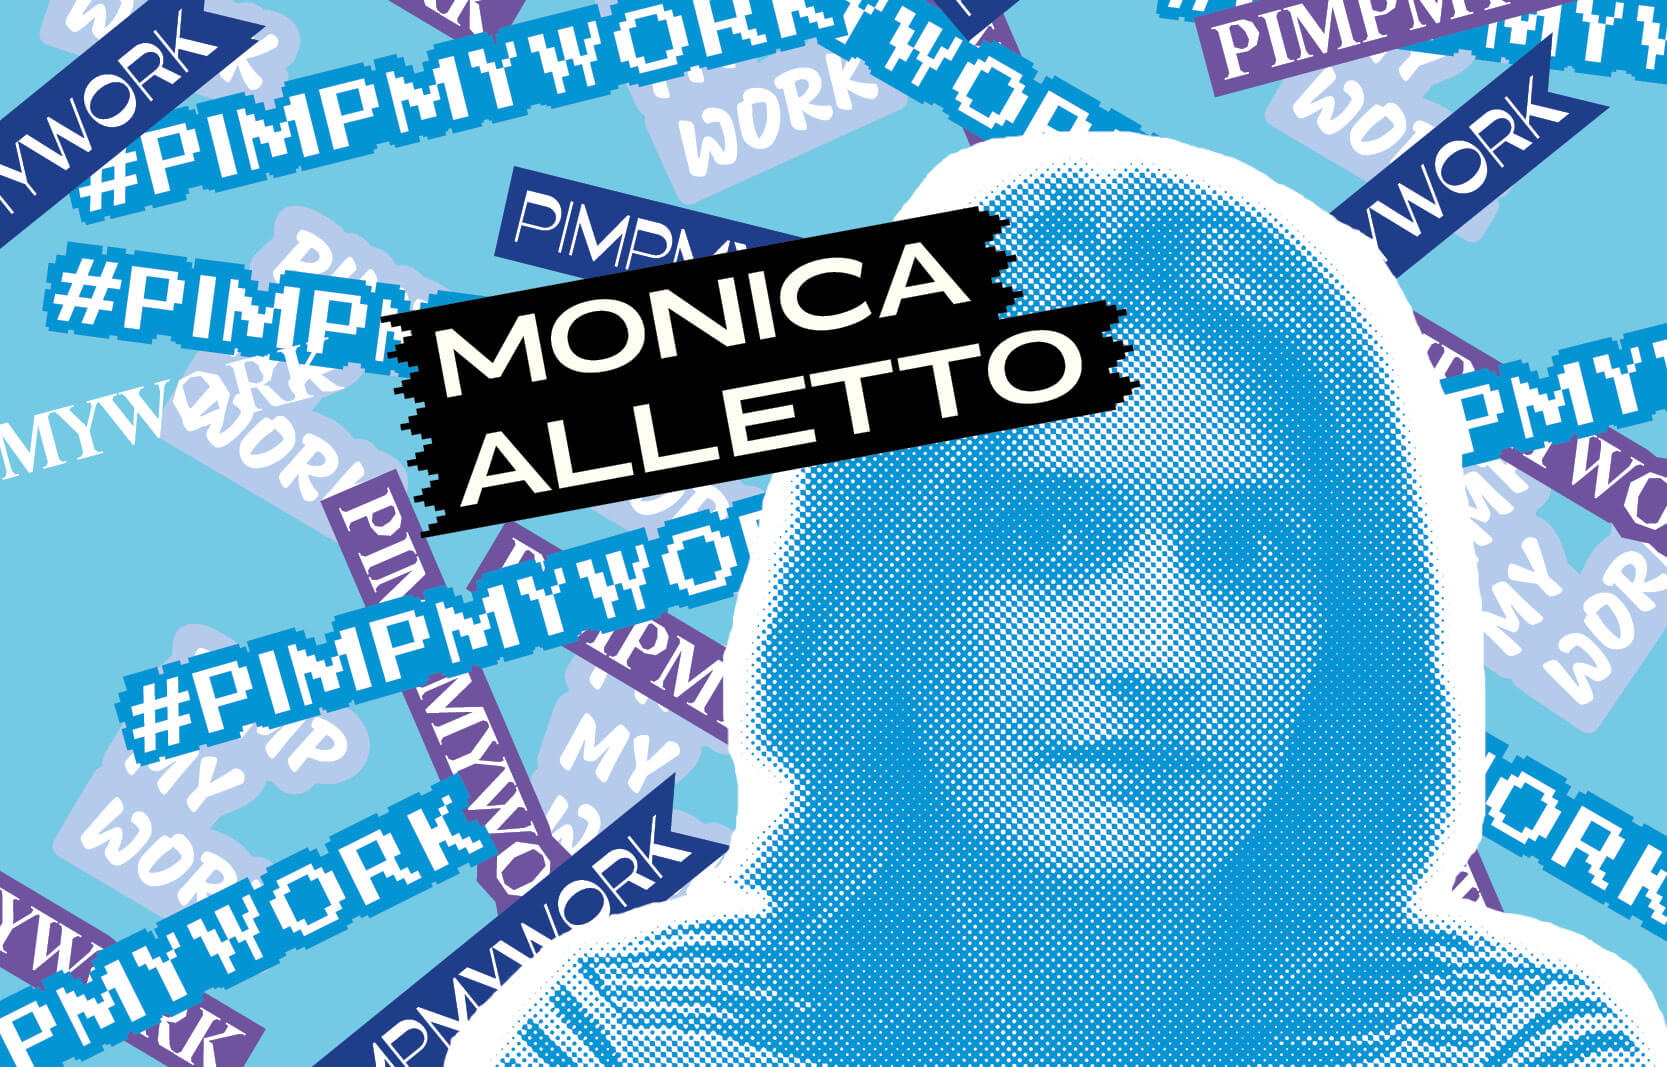 Monica Alletto